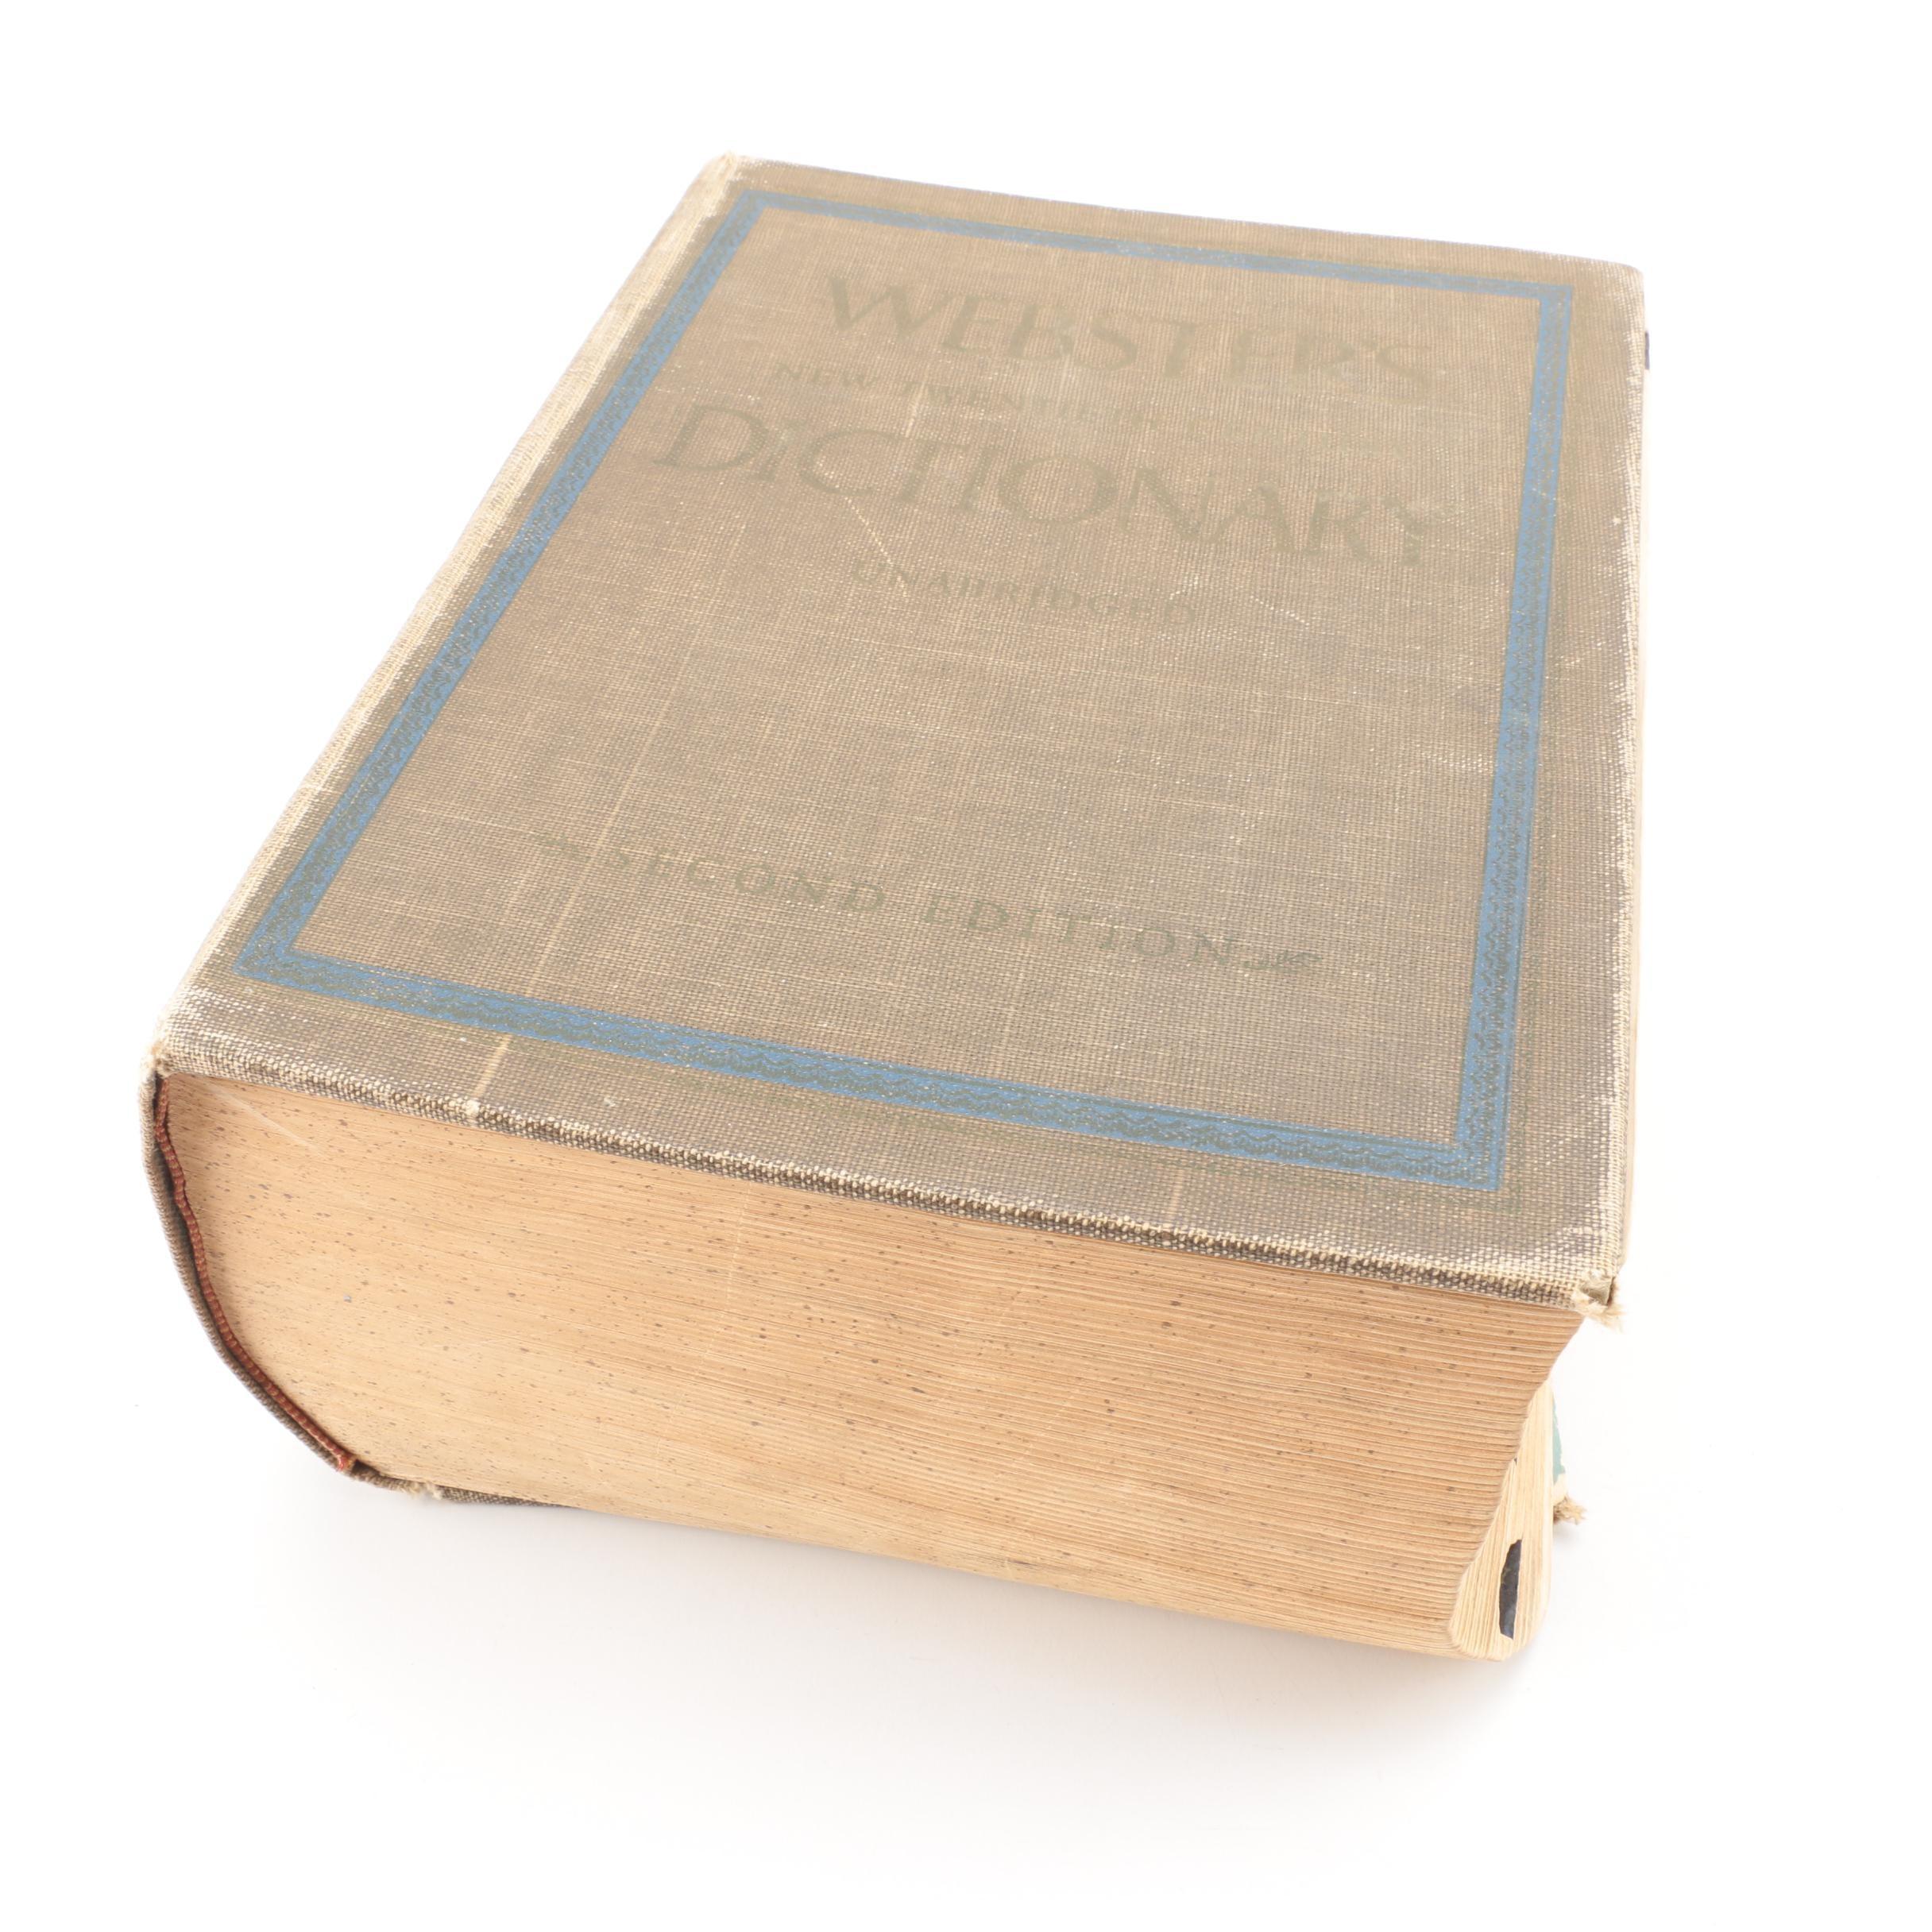 Vintage Webster's Dictionary